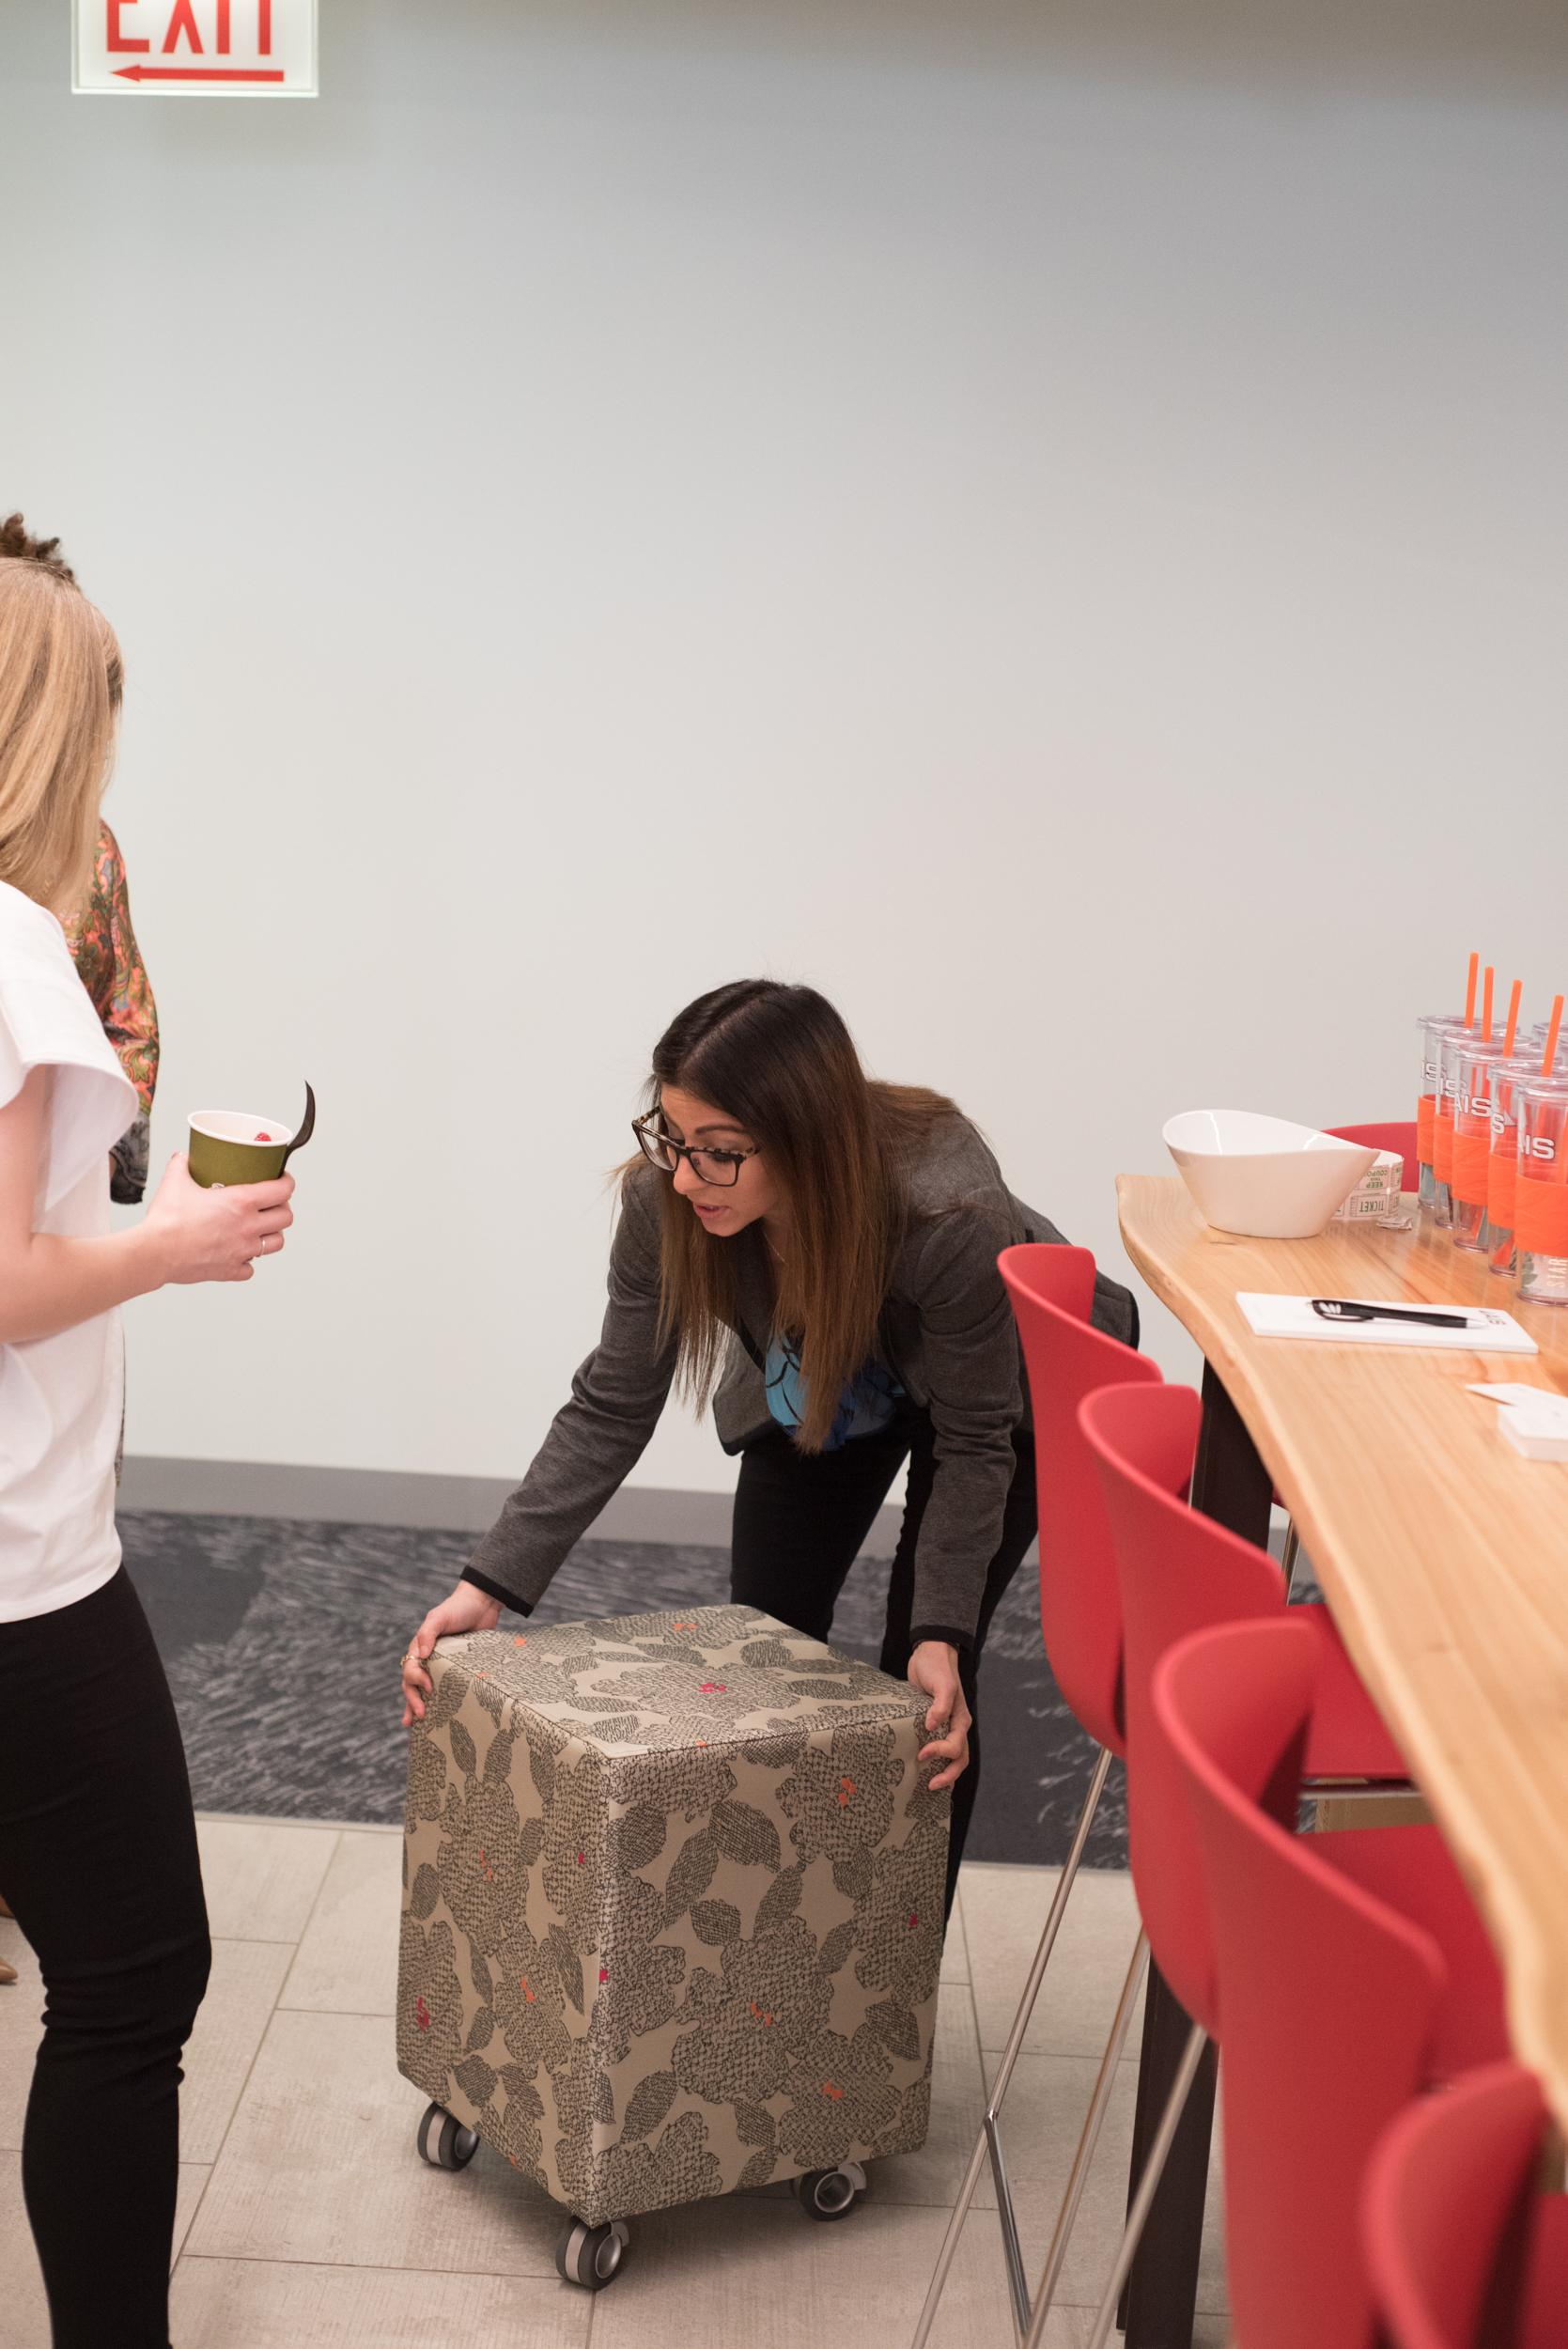 Simone checks out an AIS Volker cube